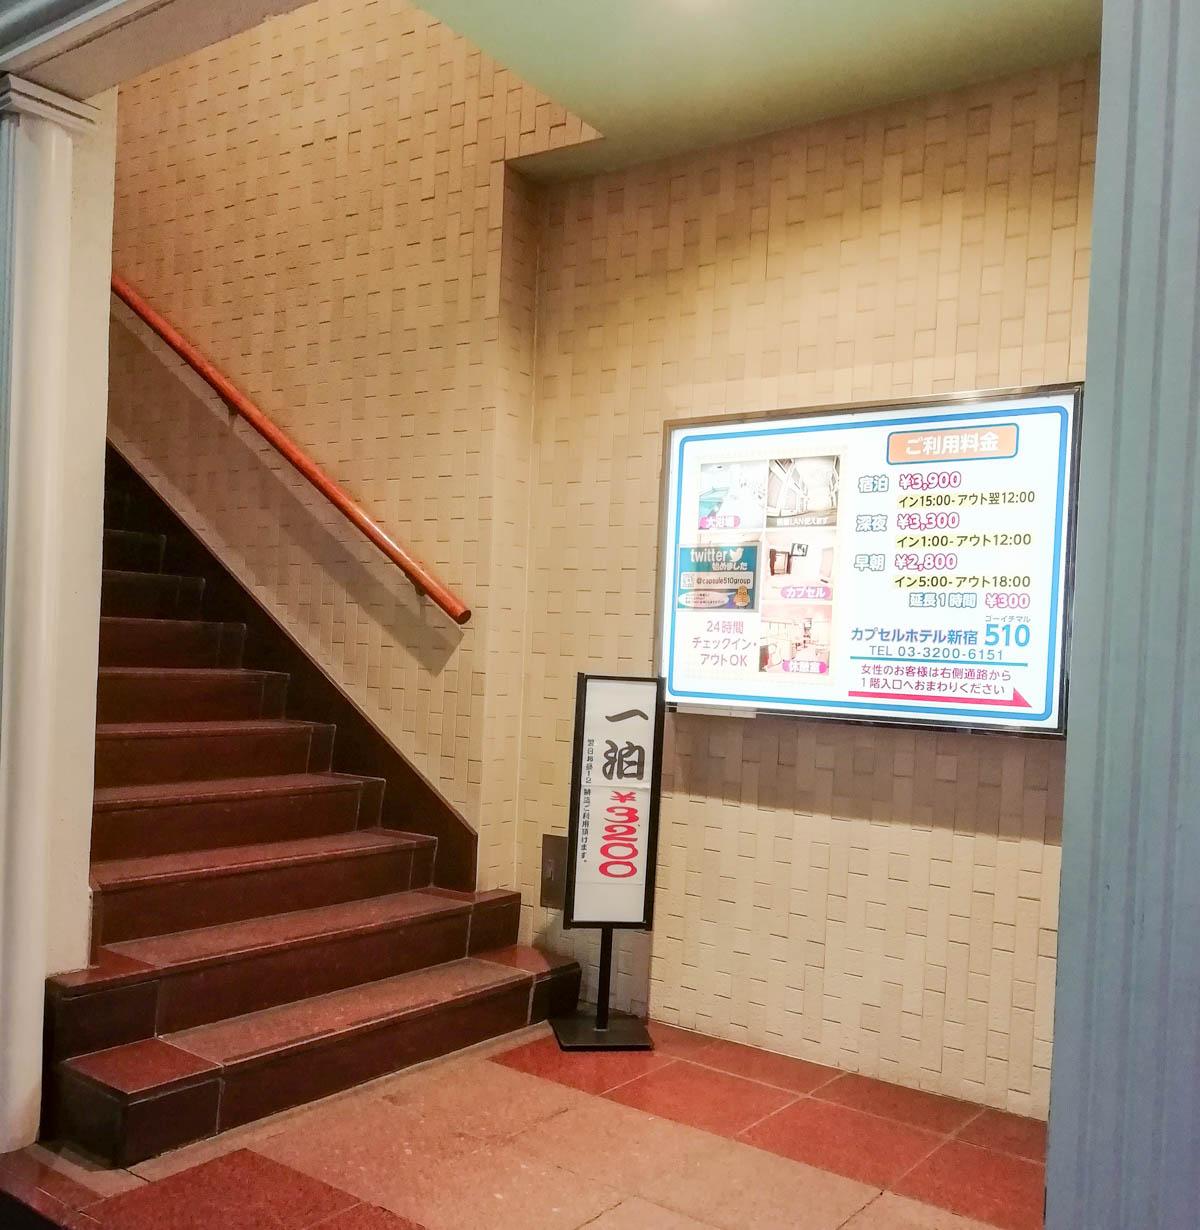 カプセルホテル新宿510の階段